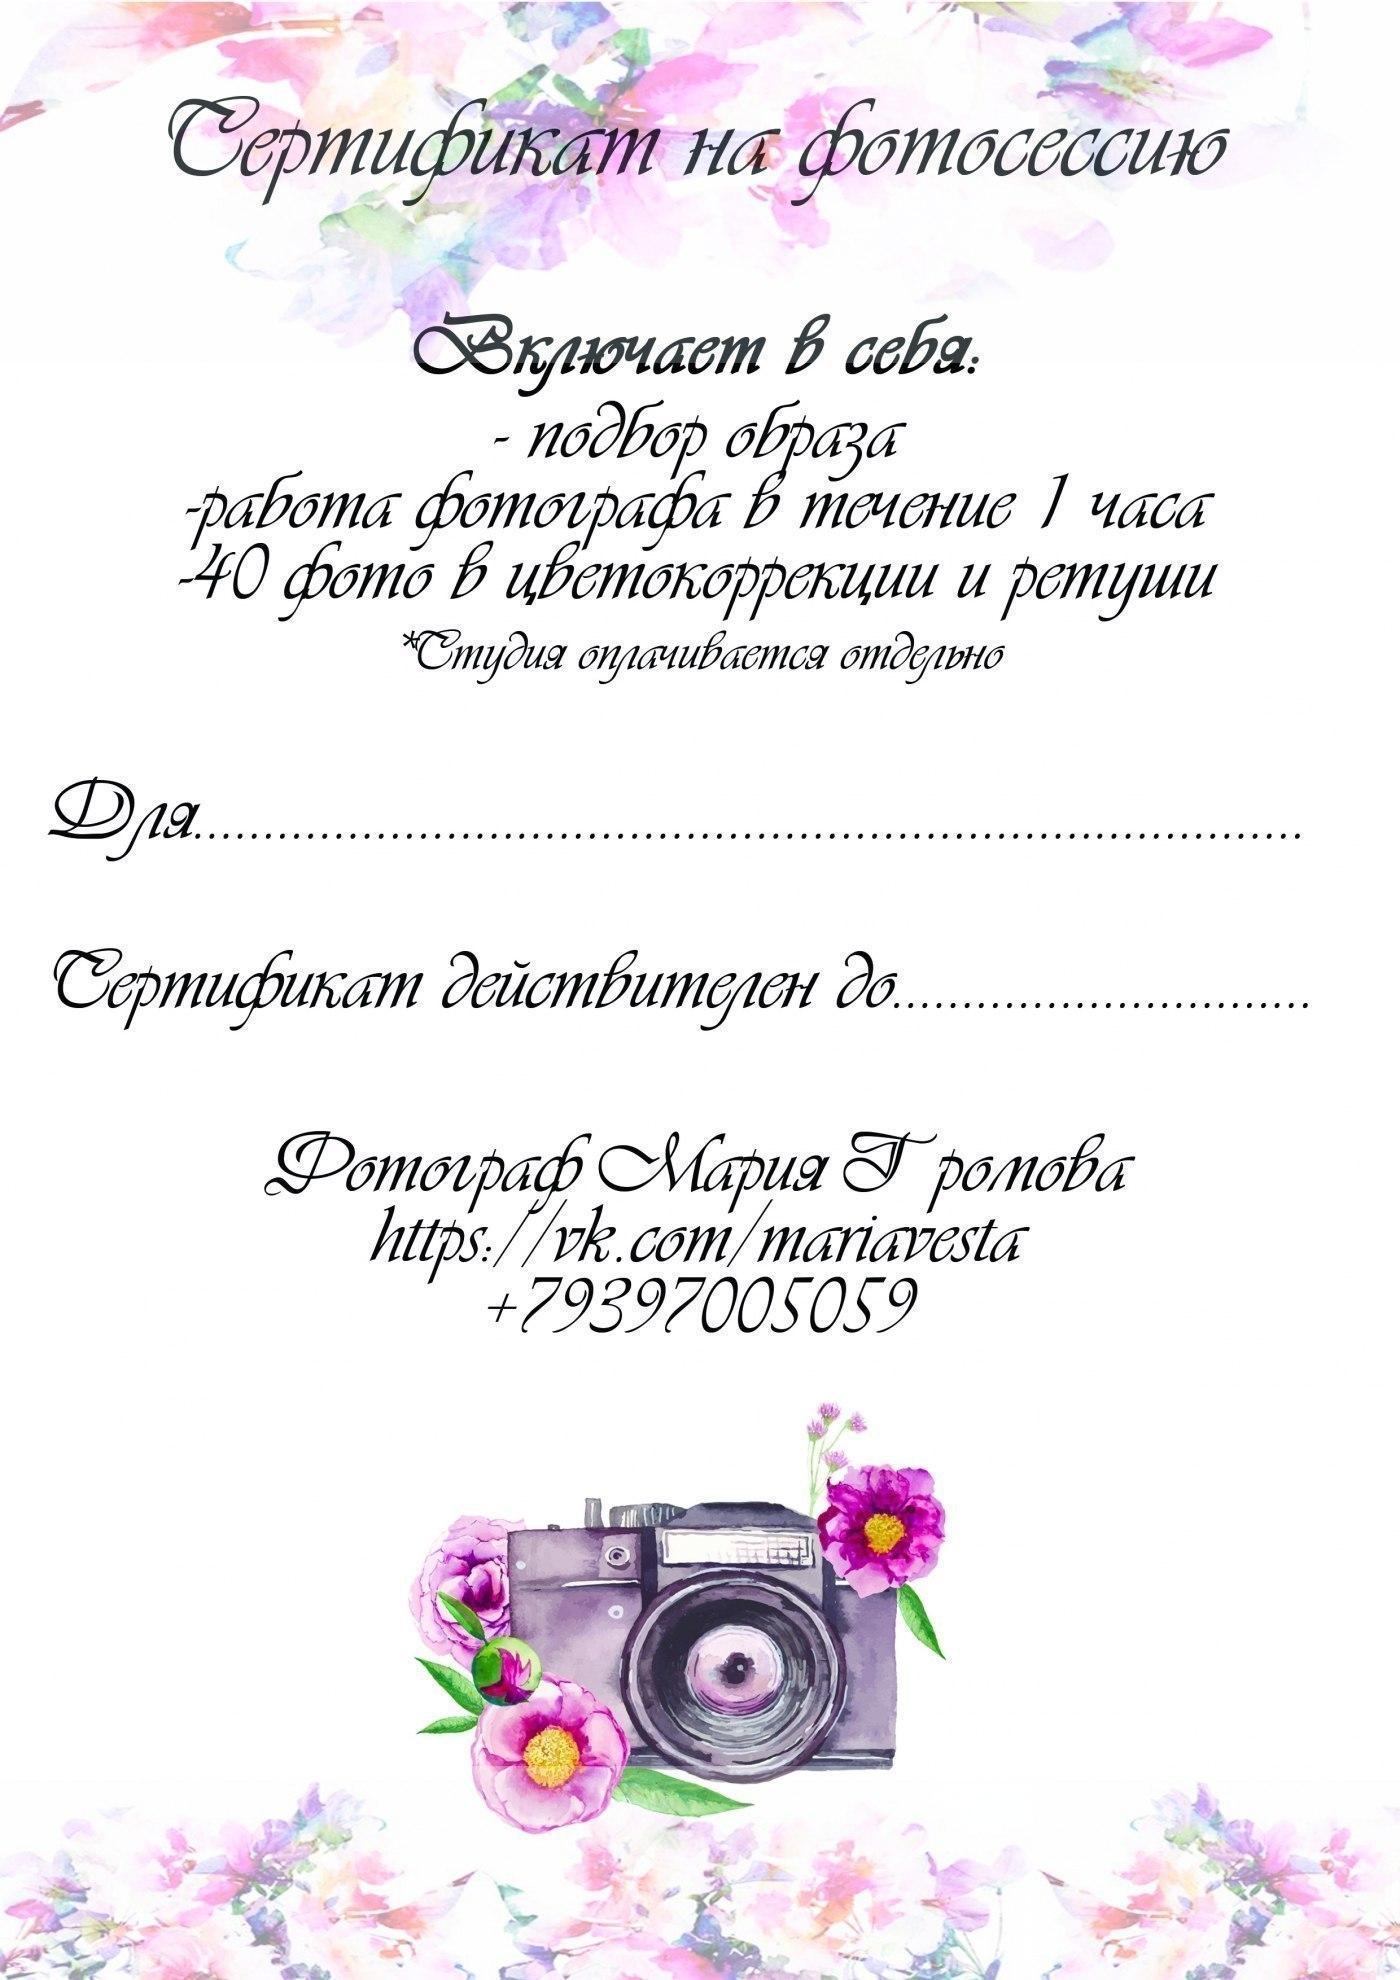 открытки картинки макеты для сертификатов фотографу позже супругом красавицы